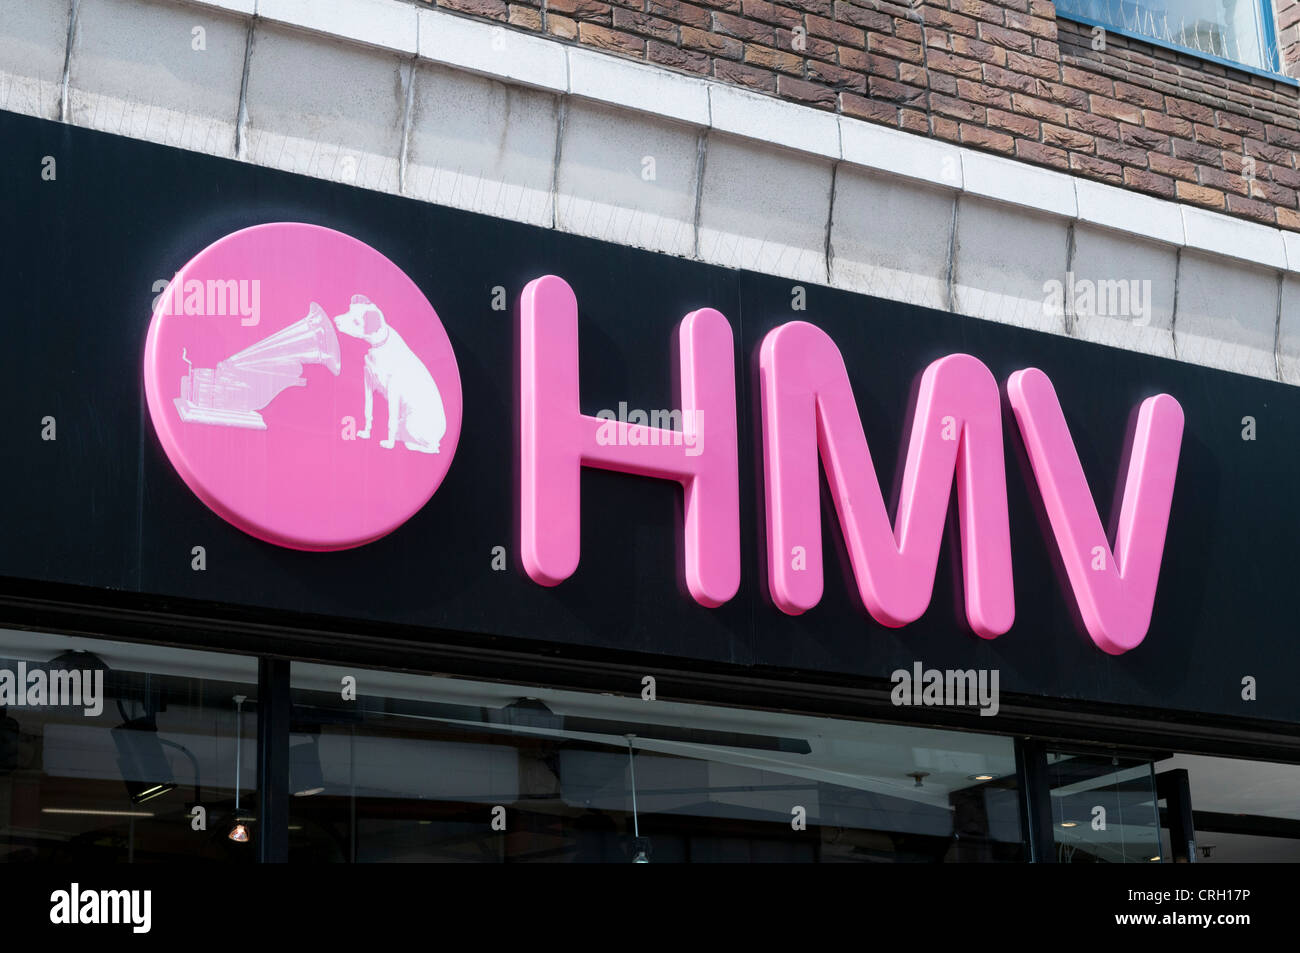 Logotipo de la tienda HMV Imagen De Stock